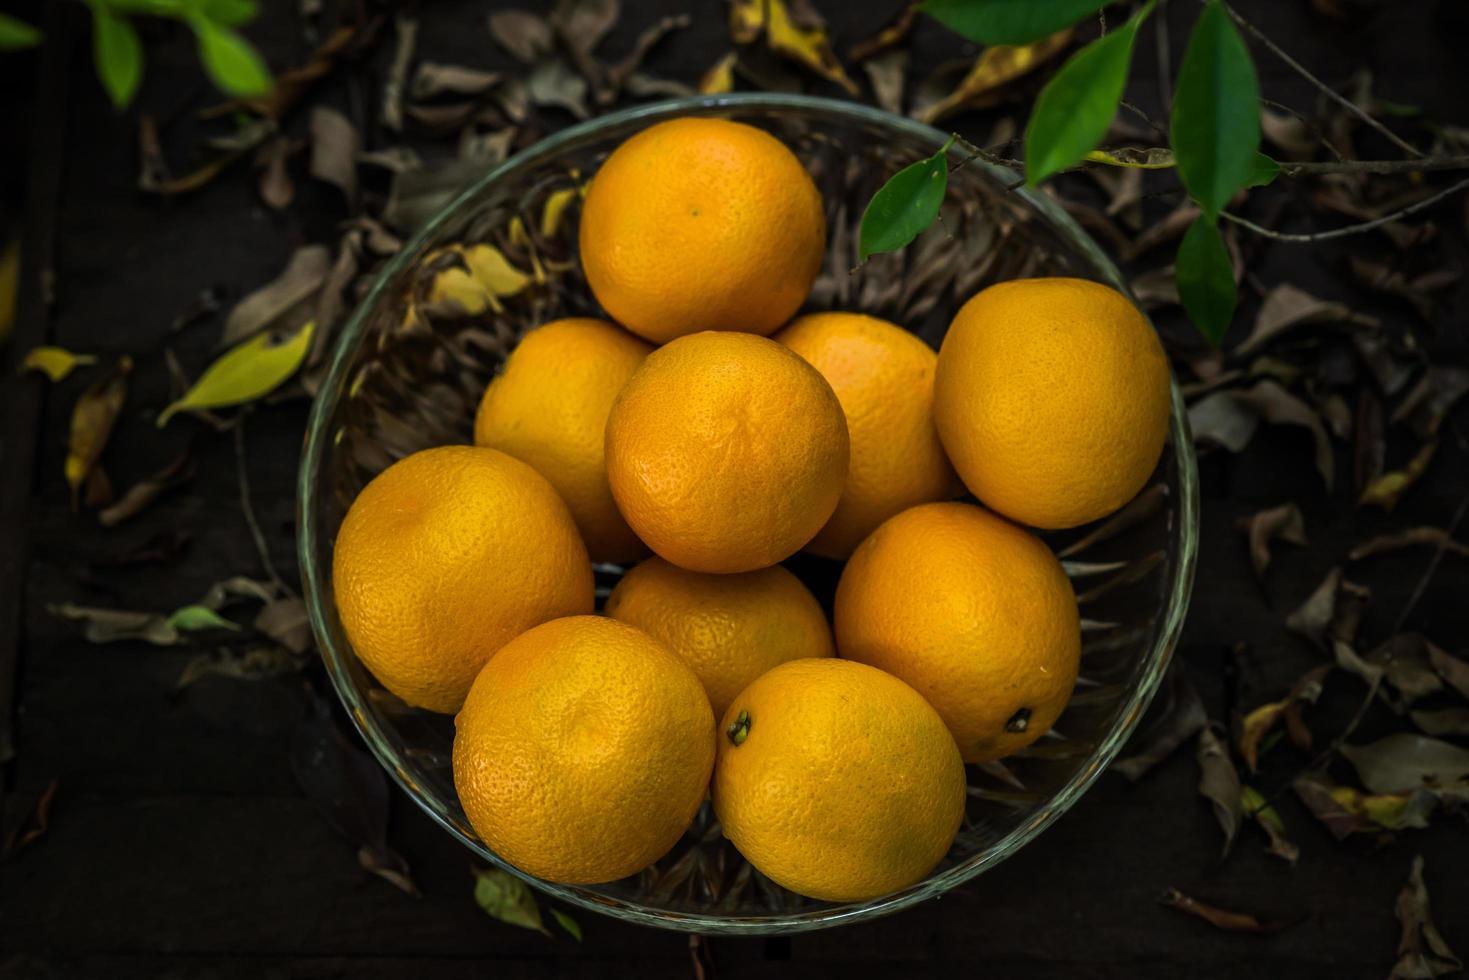 un panier d'oranges fraîches dans la nature photo